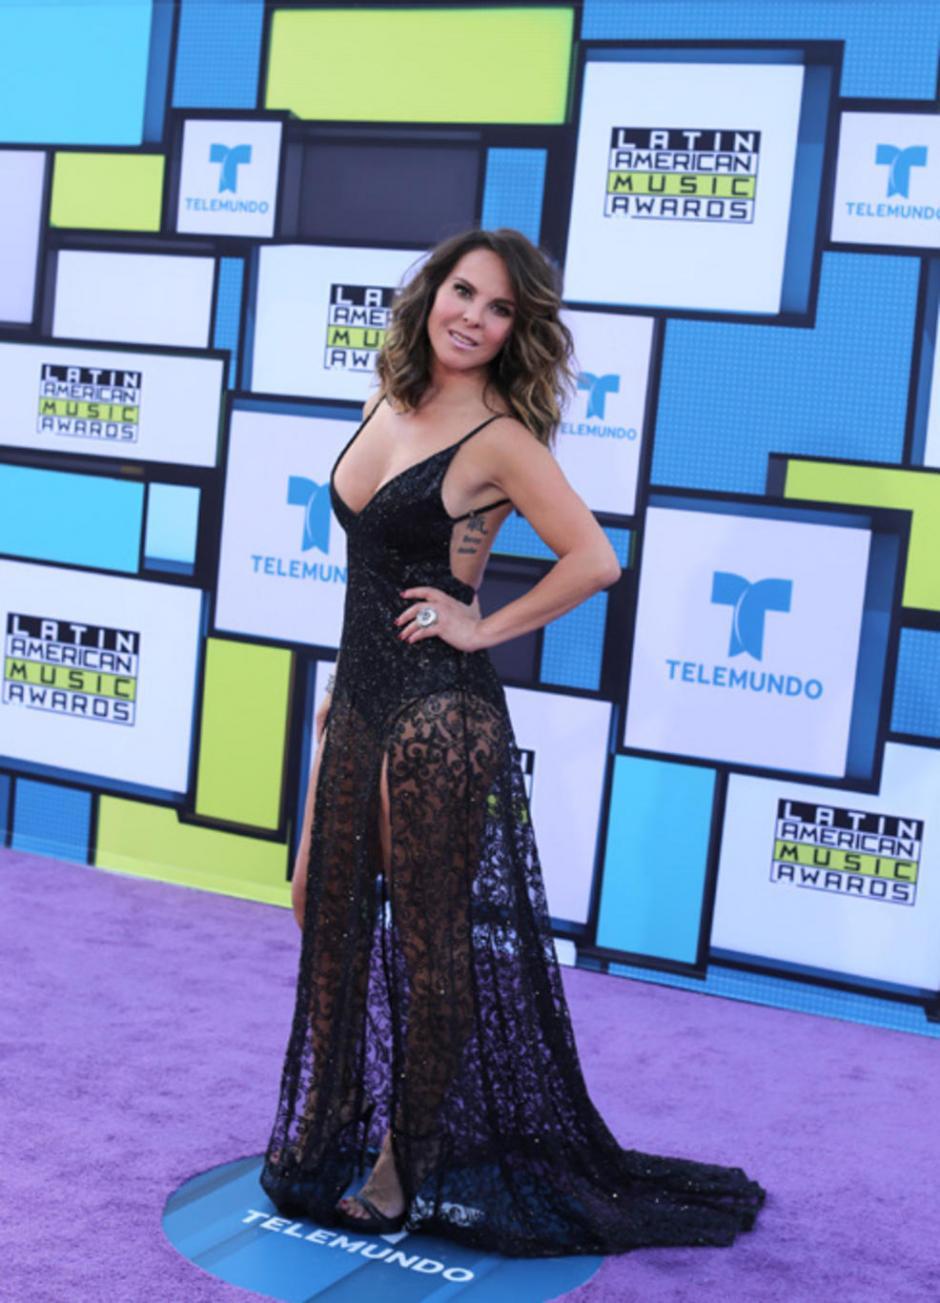 La actriz Kate del Castillo a su llegada a la gala. (Foto: Telemundo)